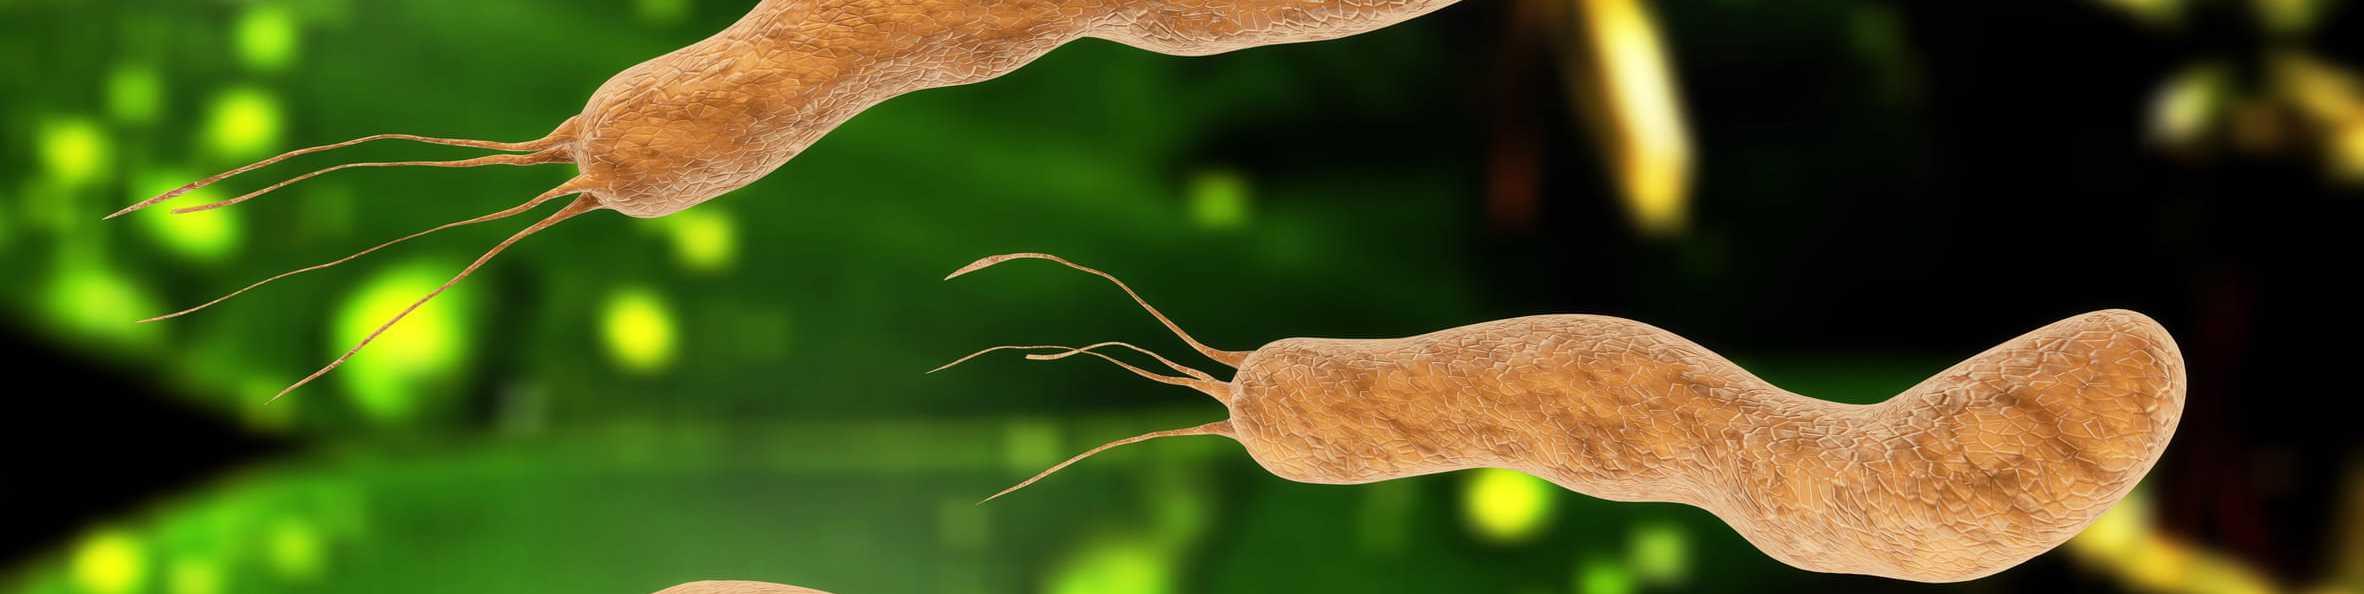 Bakterien, Helicobacter